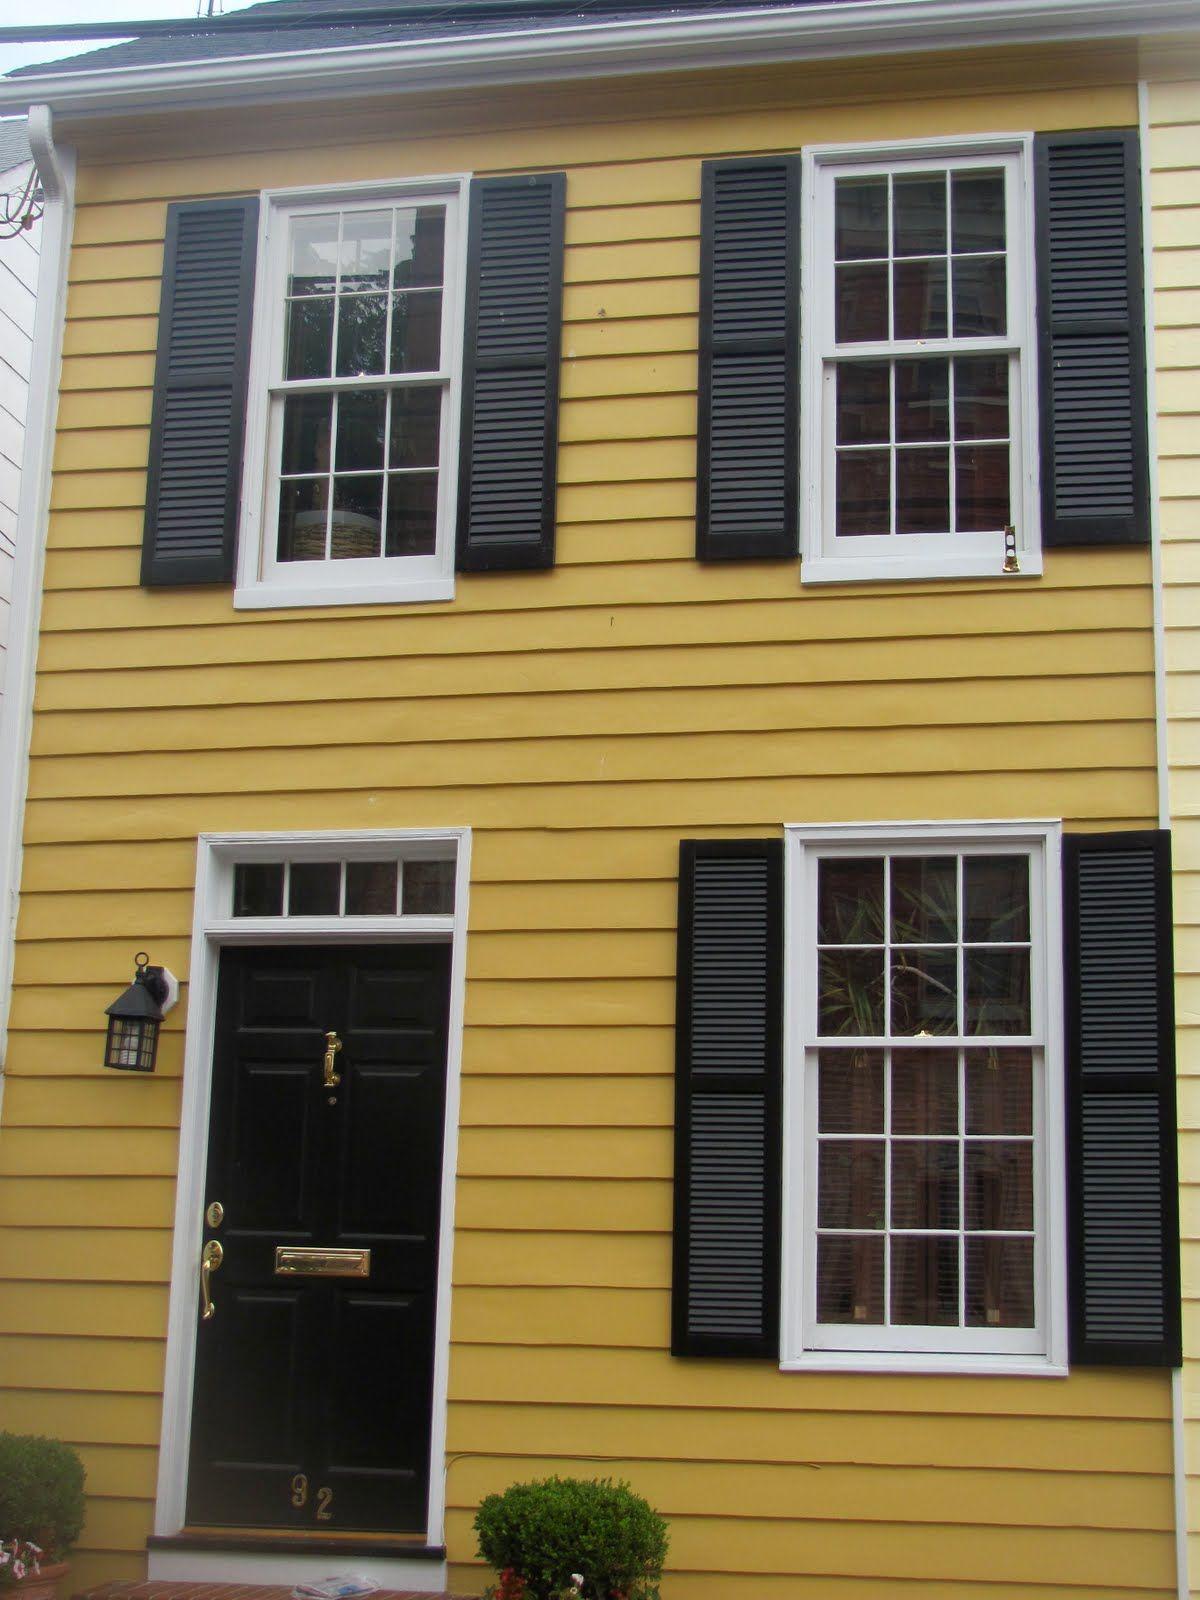 Dark Mustard Yellow Darker Than This White Trim Black Doors Shutters Warm Creamy Gray And Blac Yellow House Exterior White Exterior Houses Yellow Houses